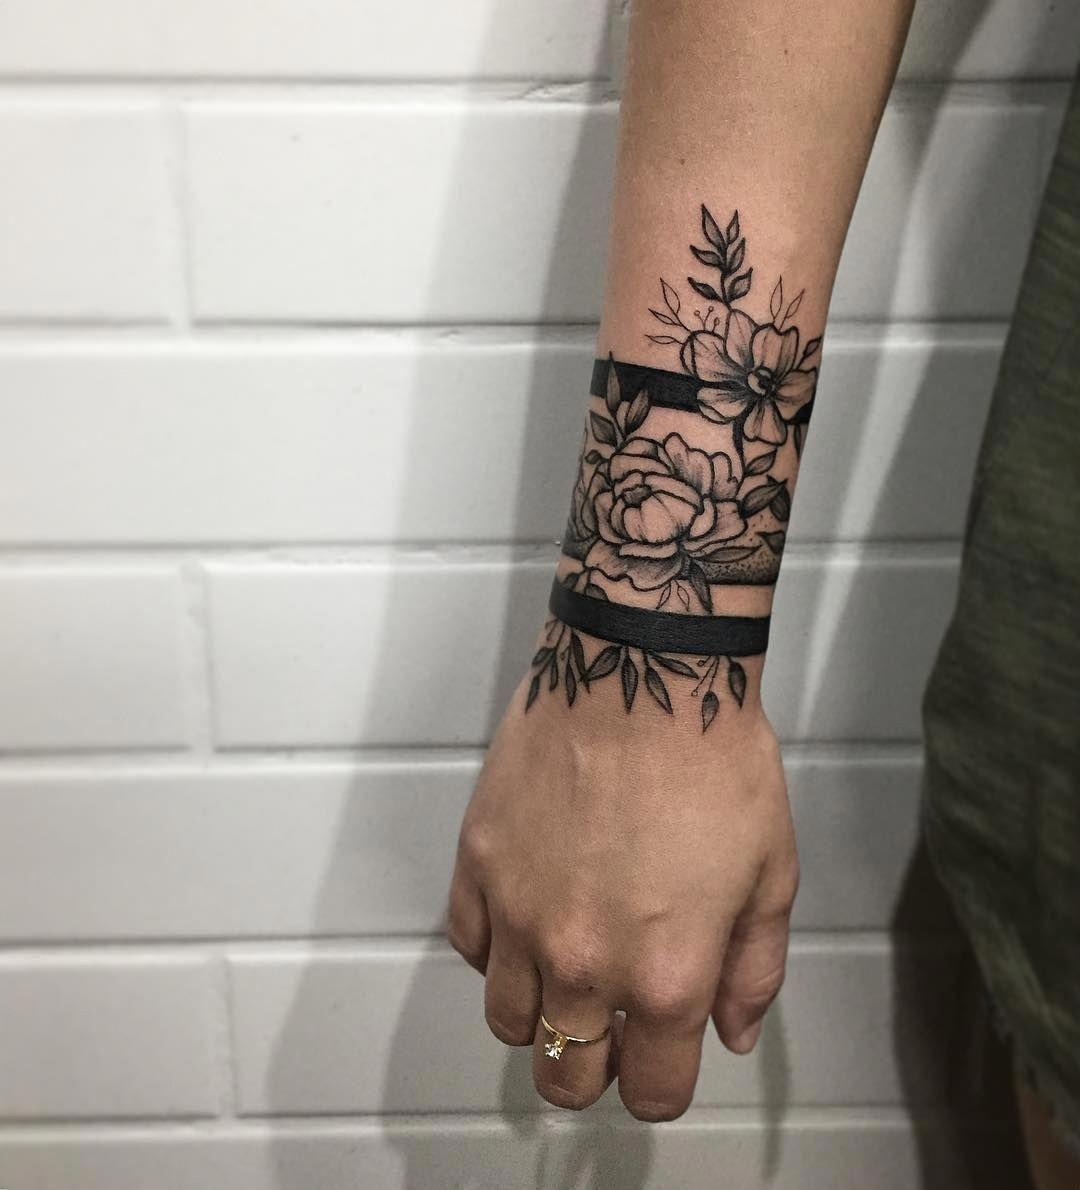 Bracelet Tattoo Wrist Tattoo Cover Up Wrist Band Tattoo Flower Wrist Tattoos